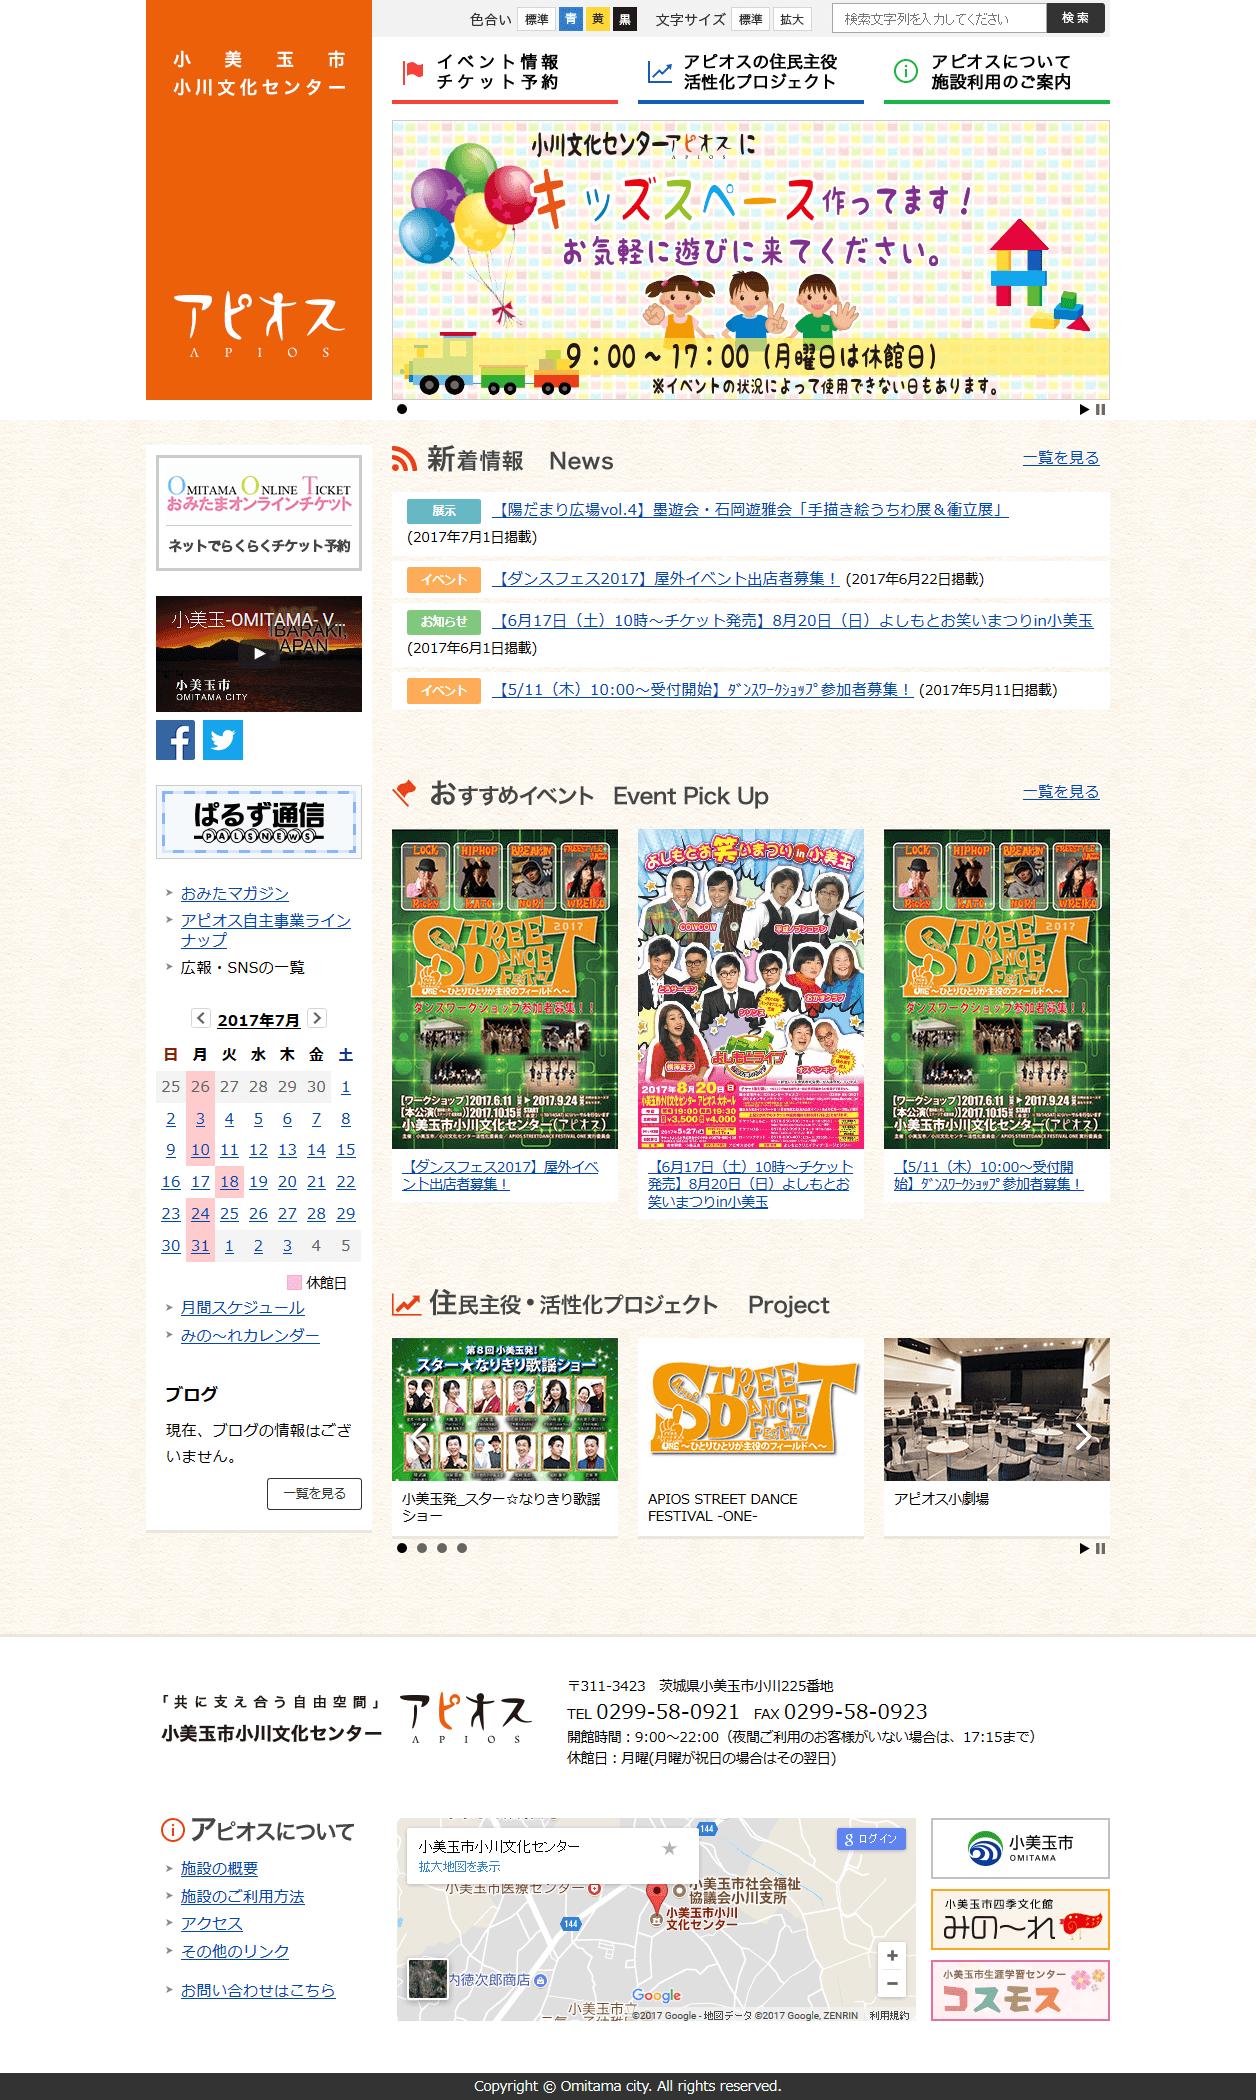 小川文化センターアピオス公式サイト